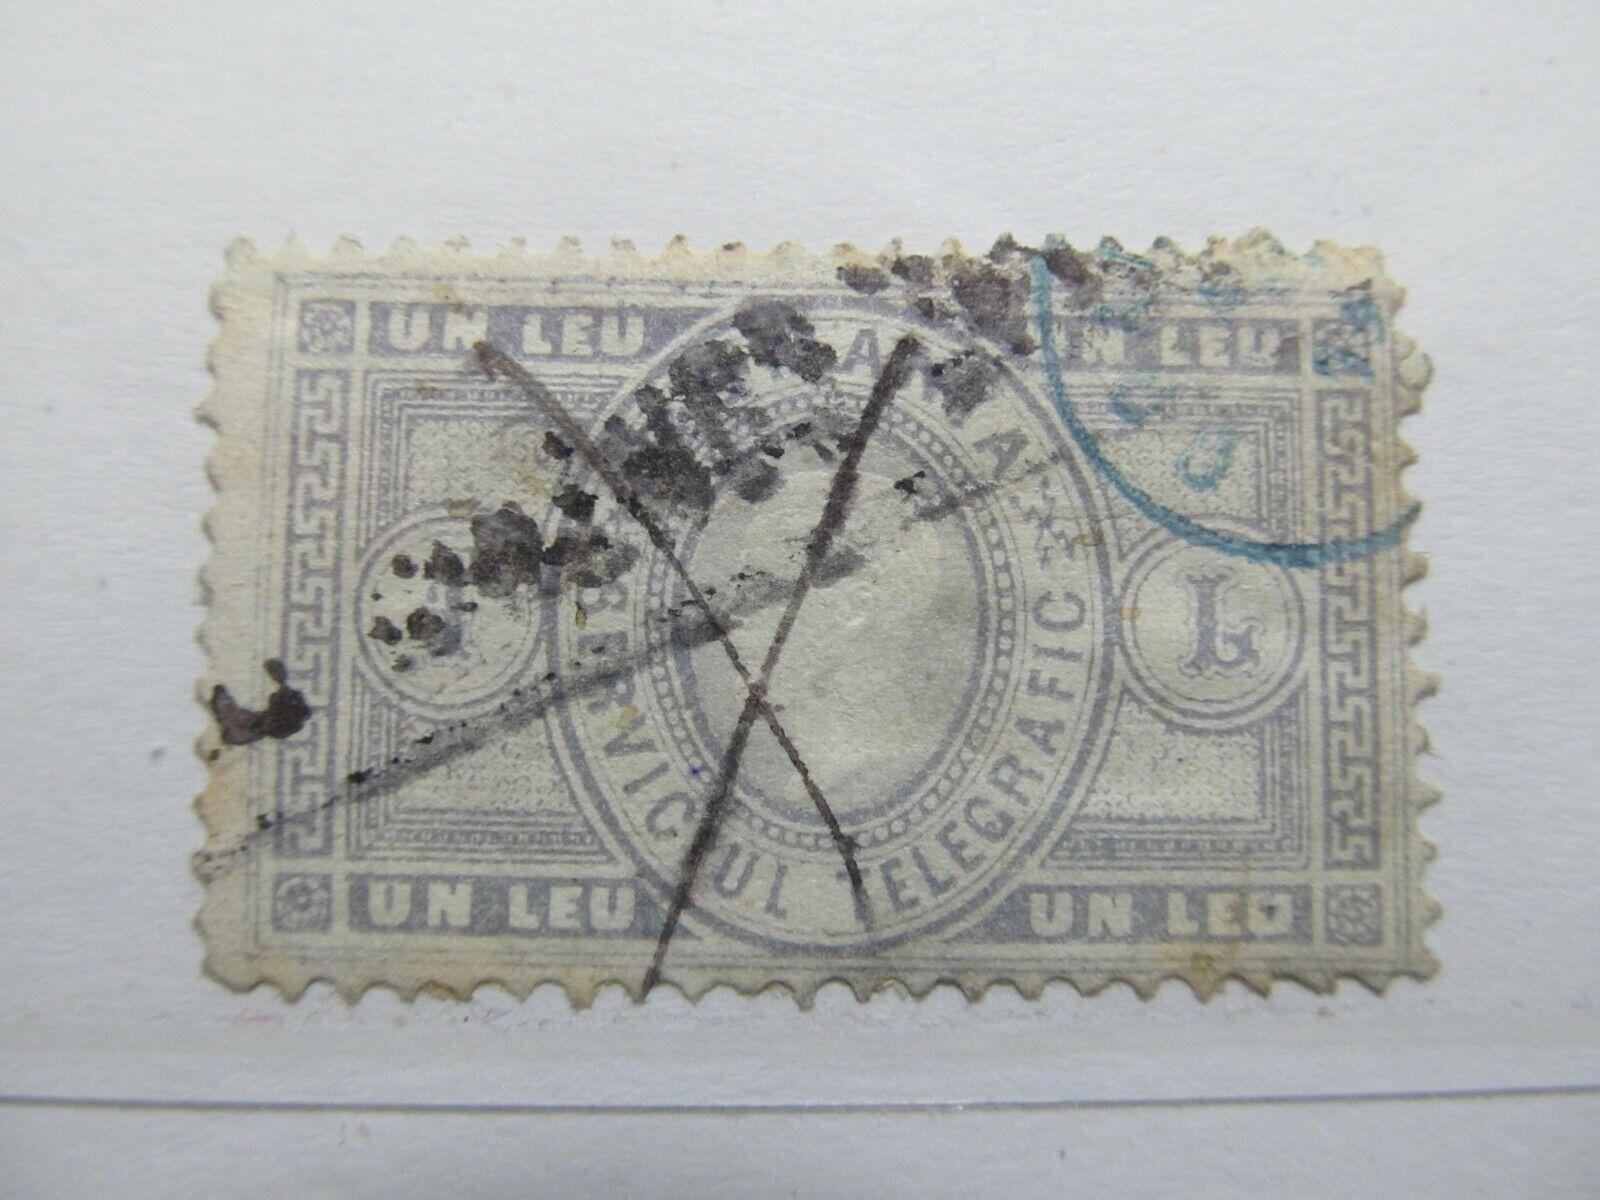 Romania Telegreph Stamp 1871 1L Fine used A4P10